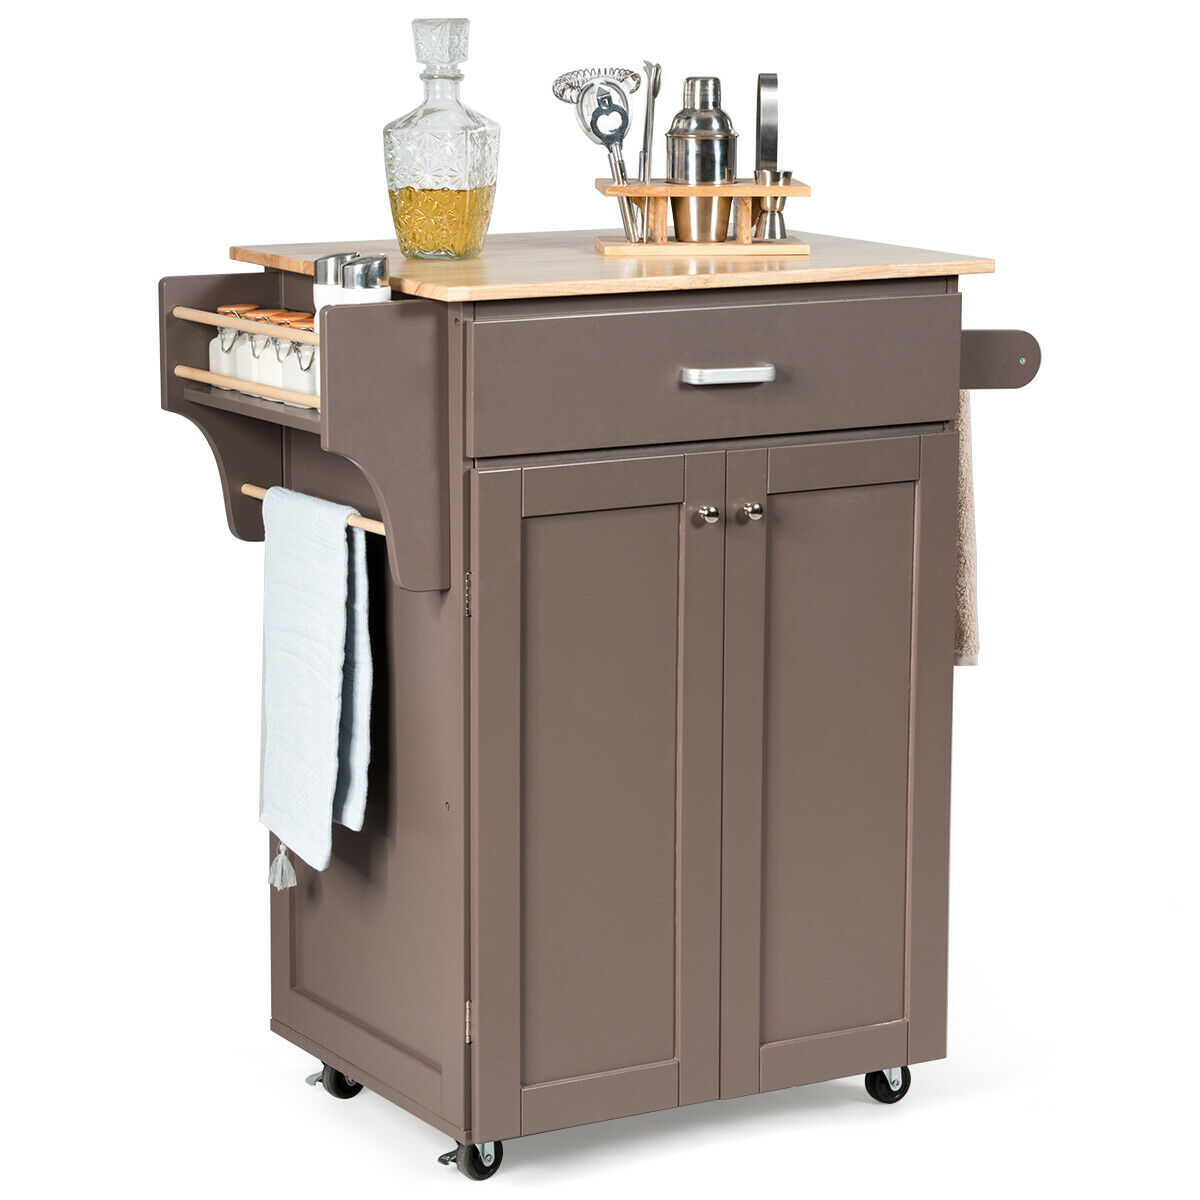 Gymax Rolling Kitchen Island Utility Kitchen Cart Storage